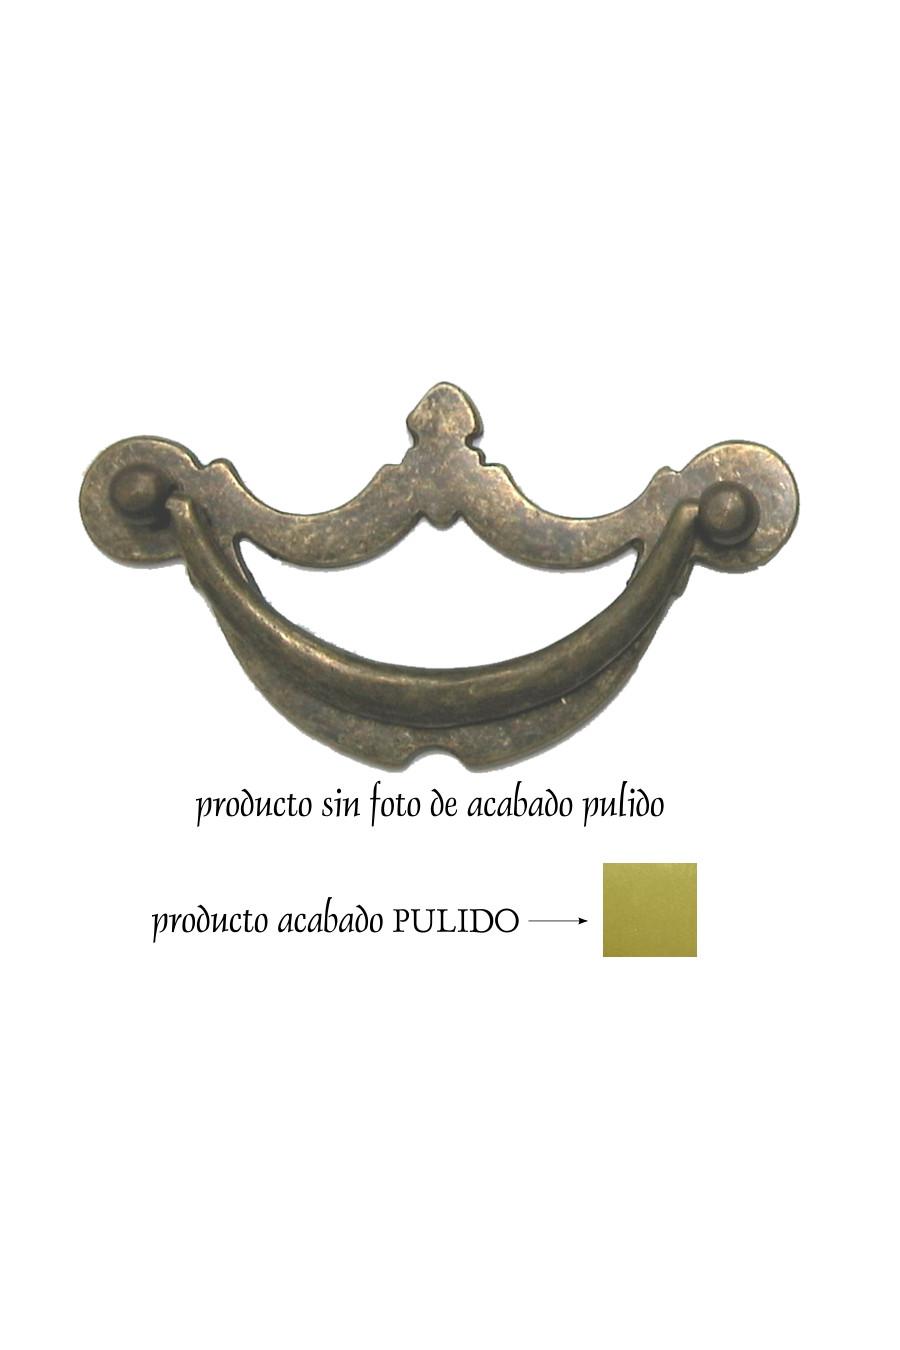 01.005 Pulido